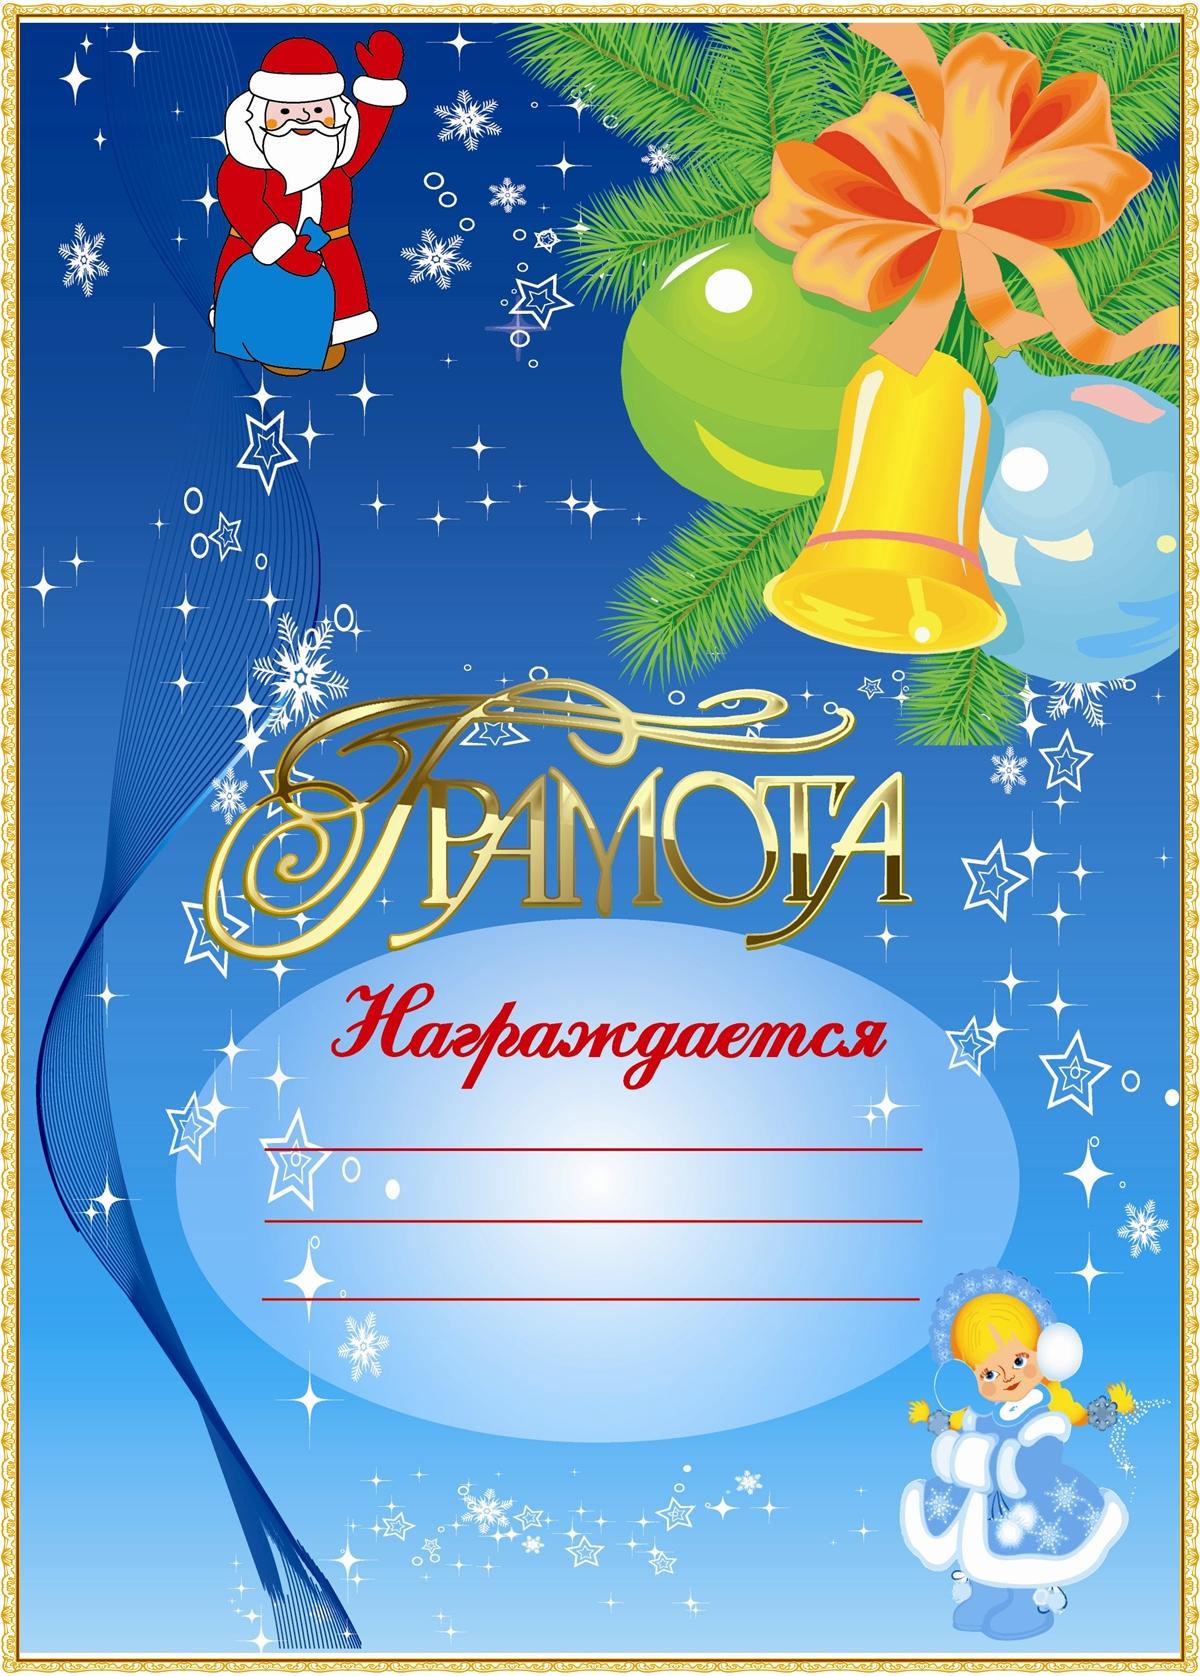 Новогодняя грамота с шариками и колокольчиком